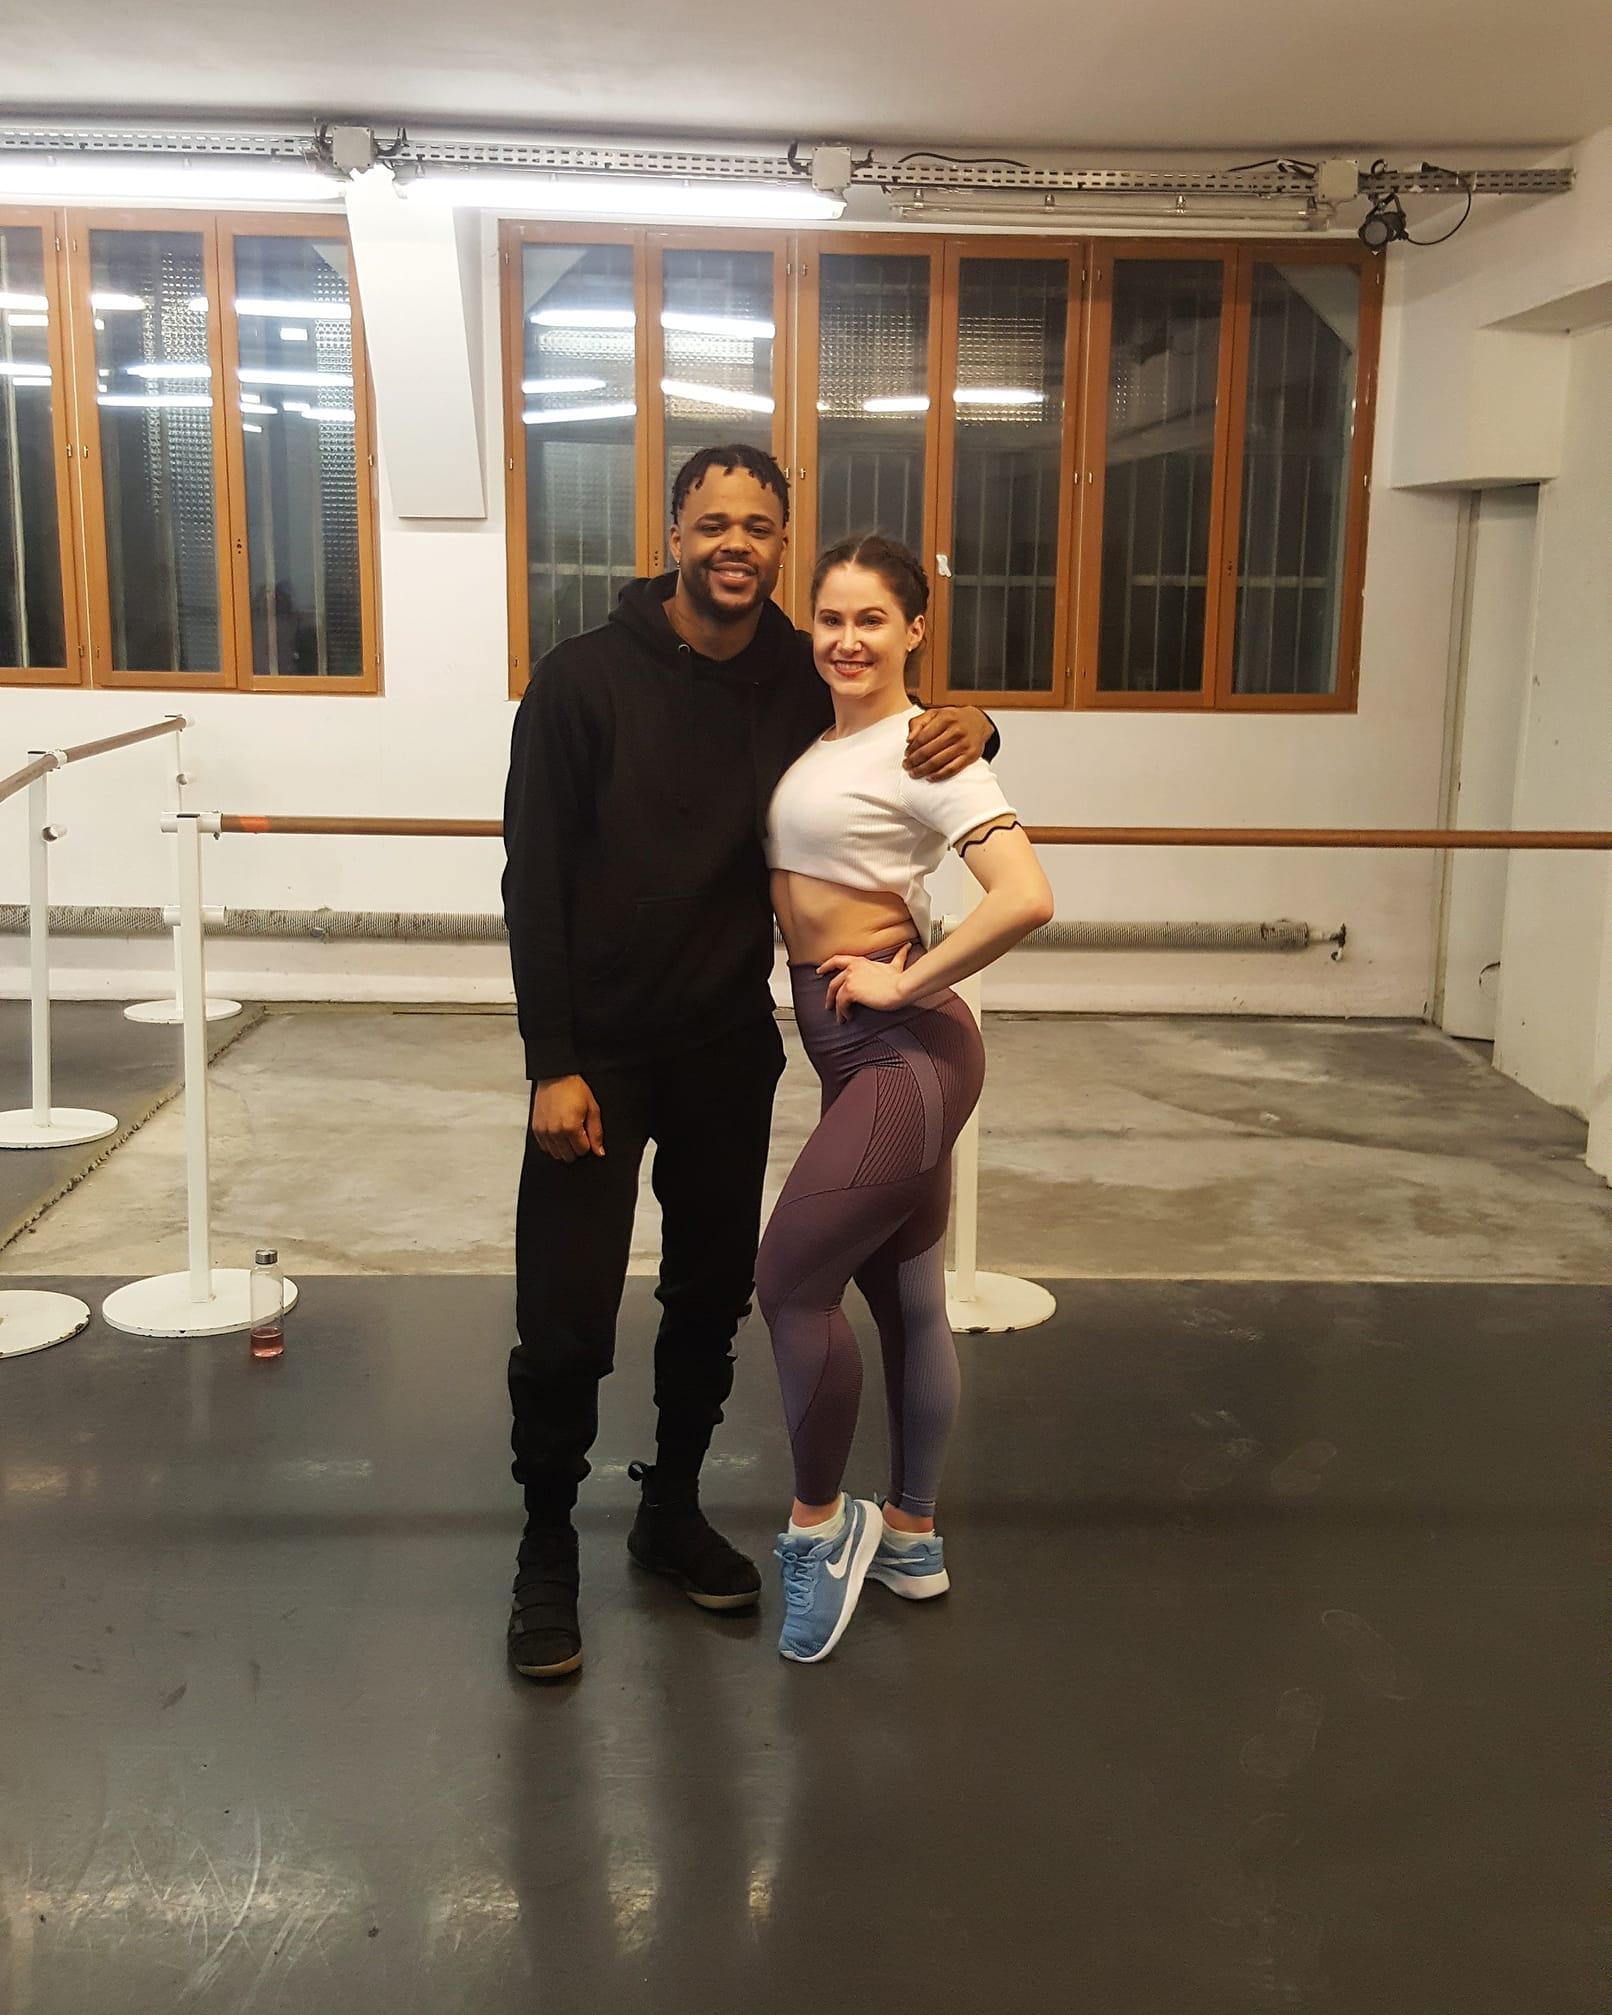 Margi Goleš: zagrebačka plesačica s londonskom adresom, koja je učila od koreografa pjevačice Beyonce!